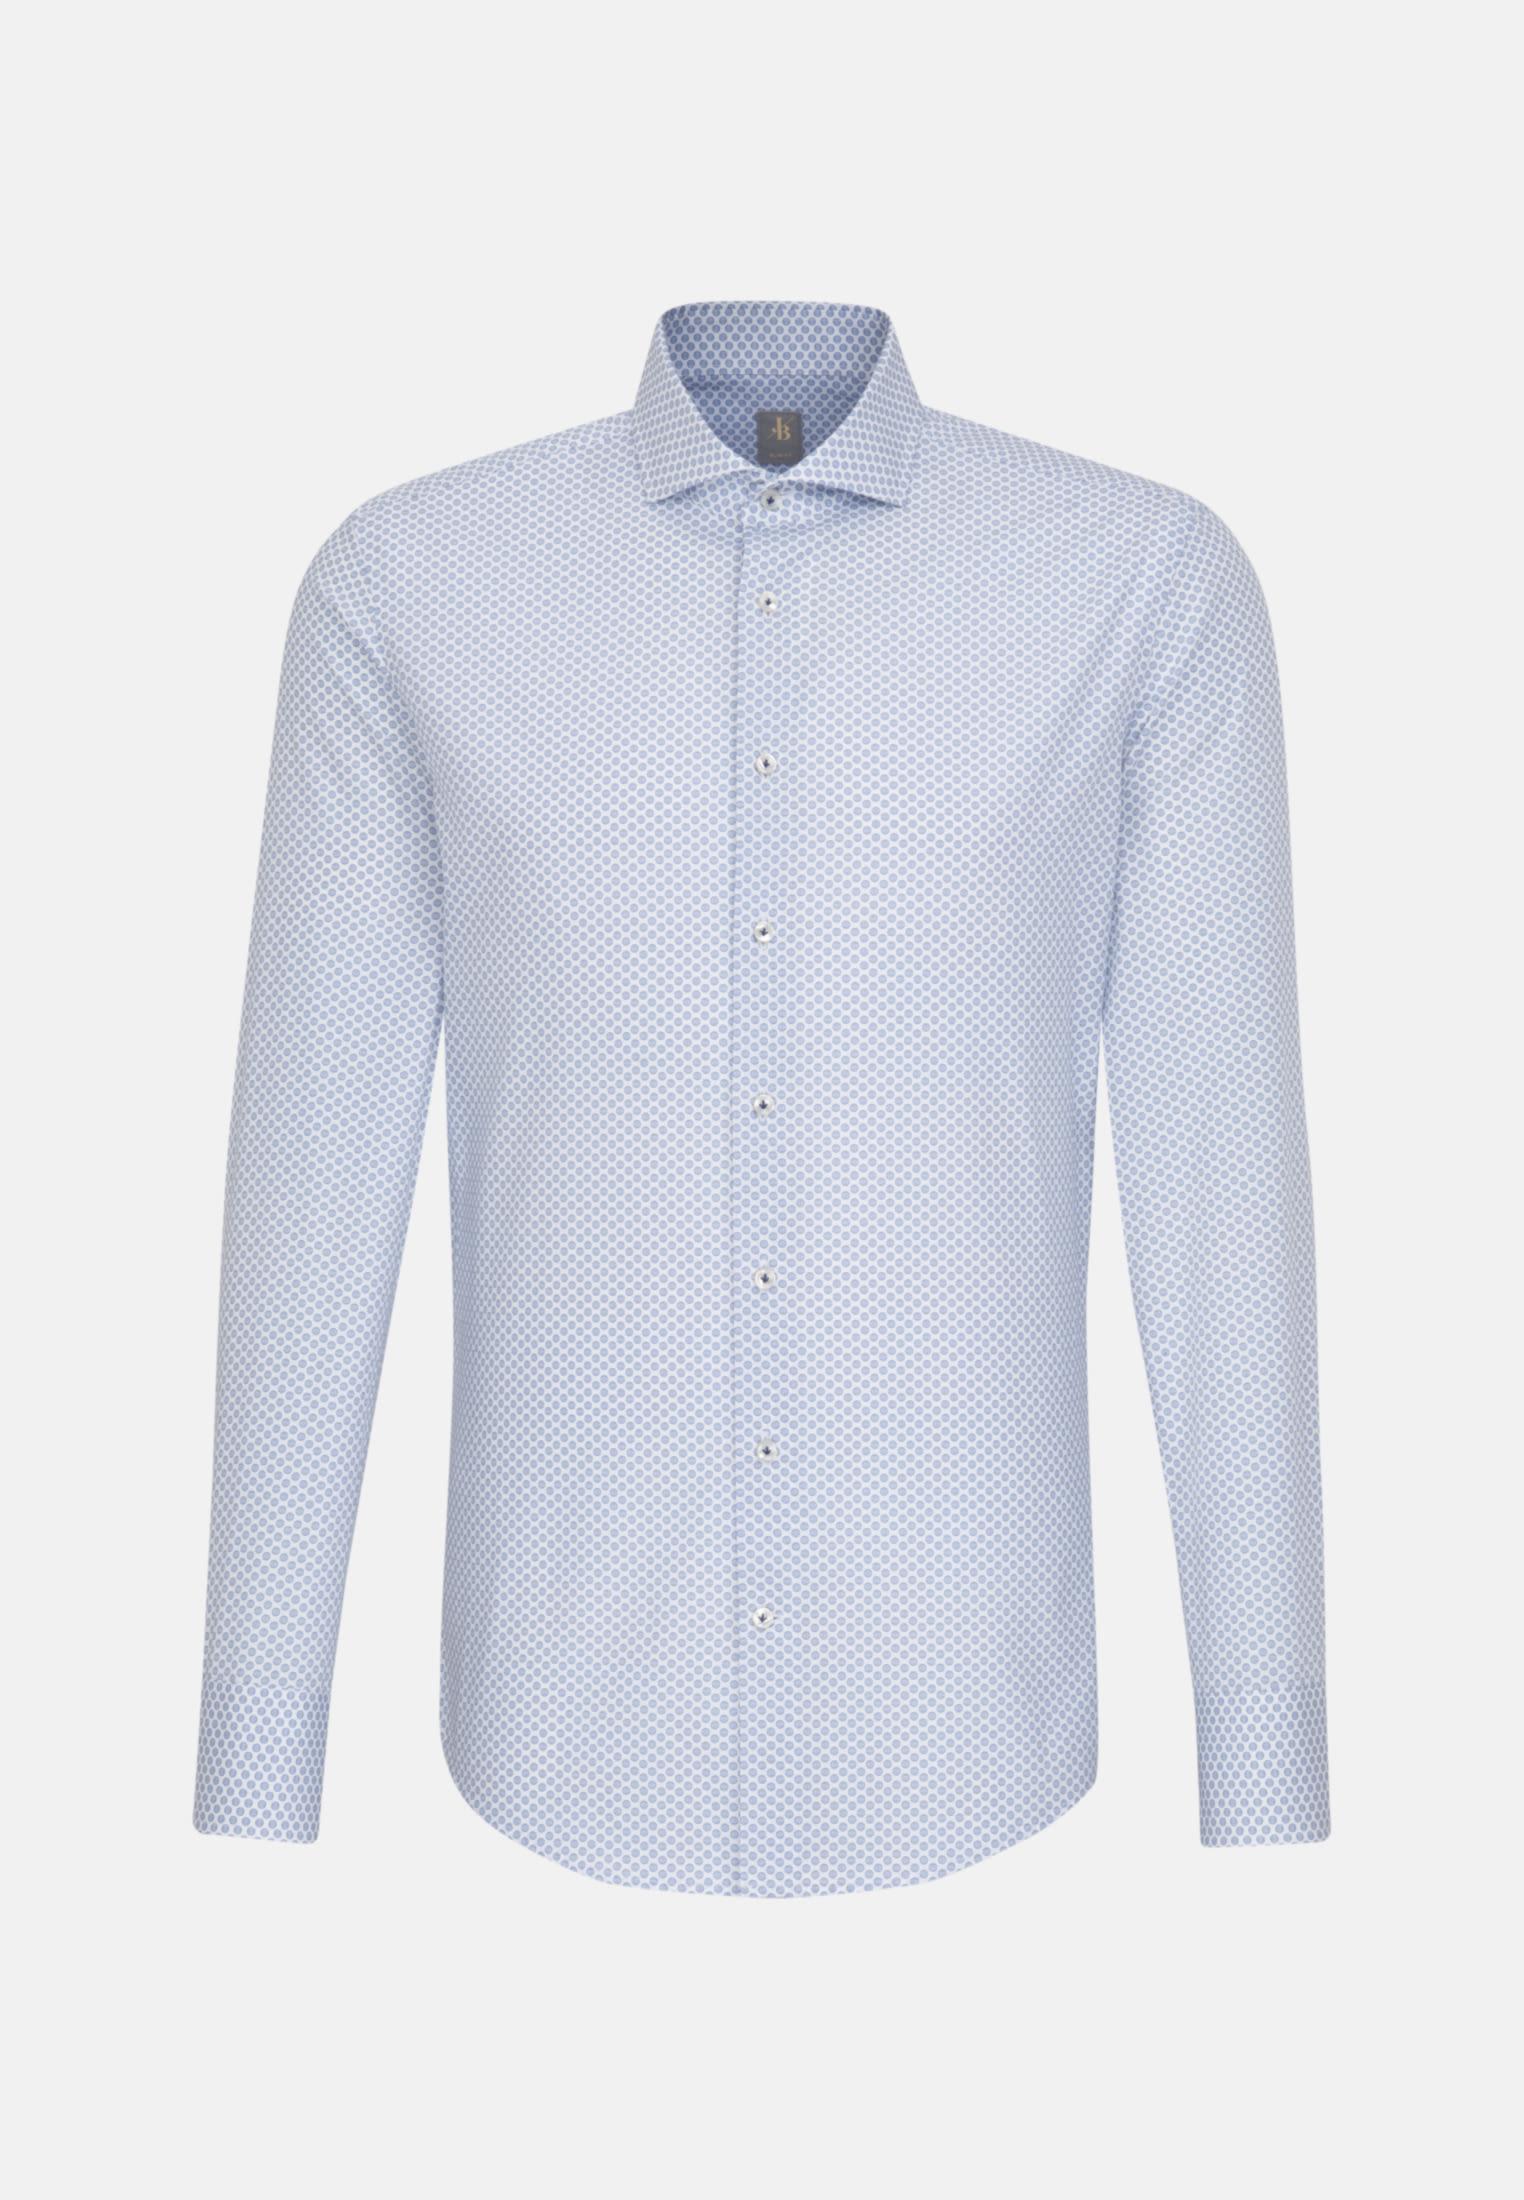 Popeline Business Hemd in Slim Fit mit Haifischkragen in Hellblau    Jacques Britt Onlineshop